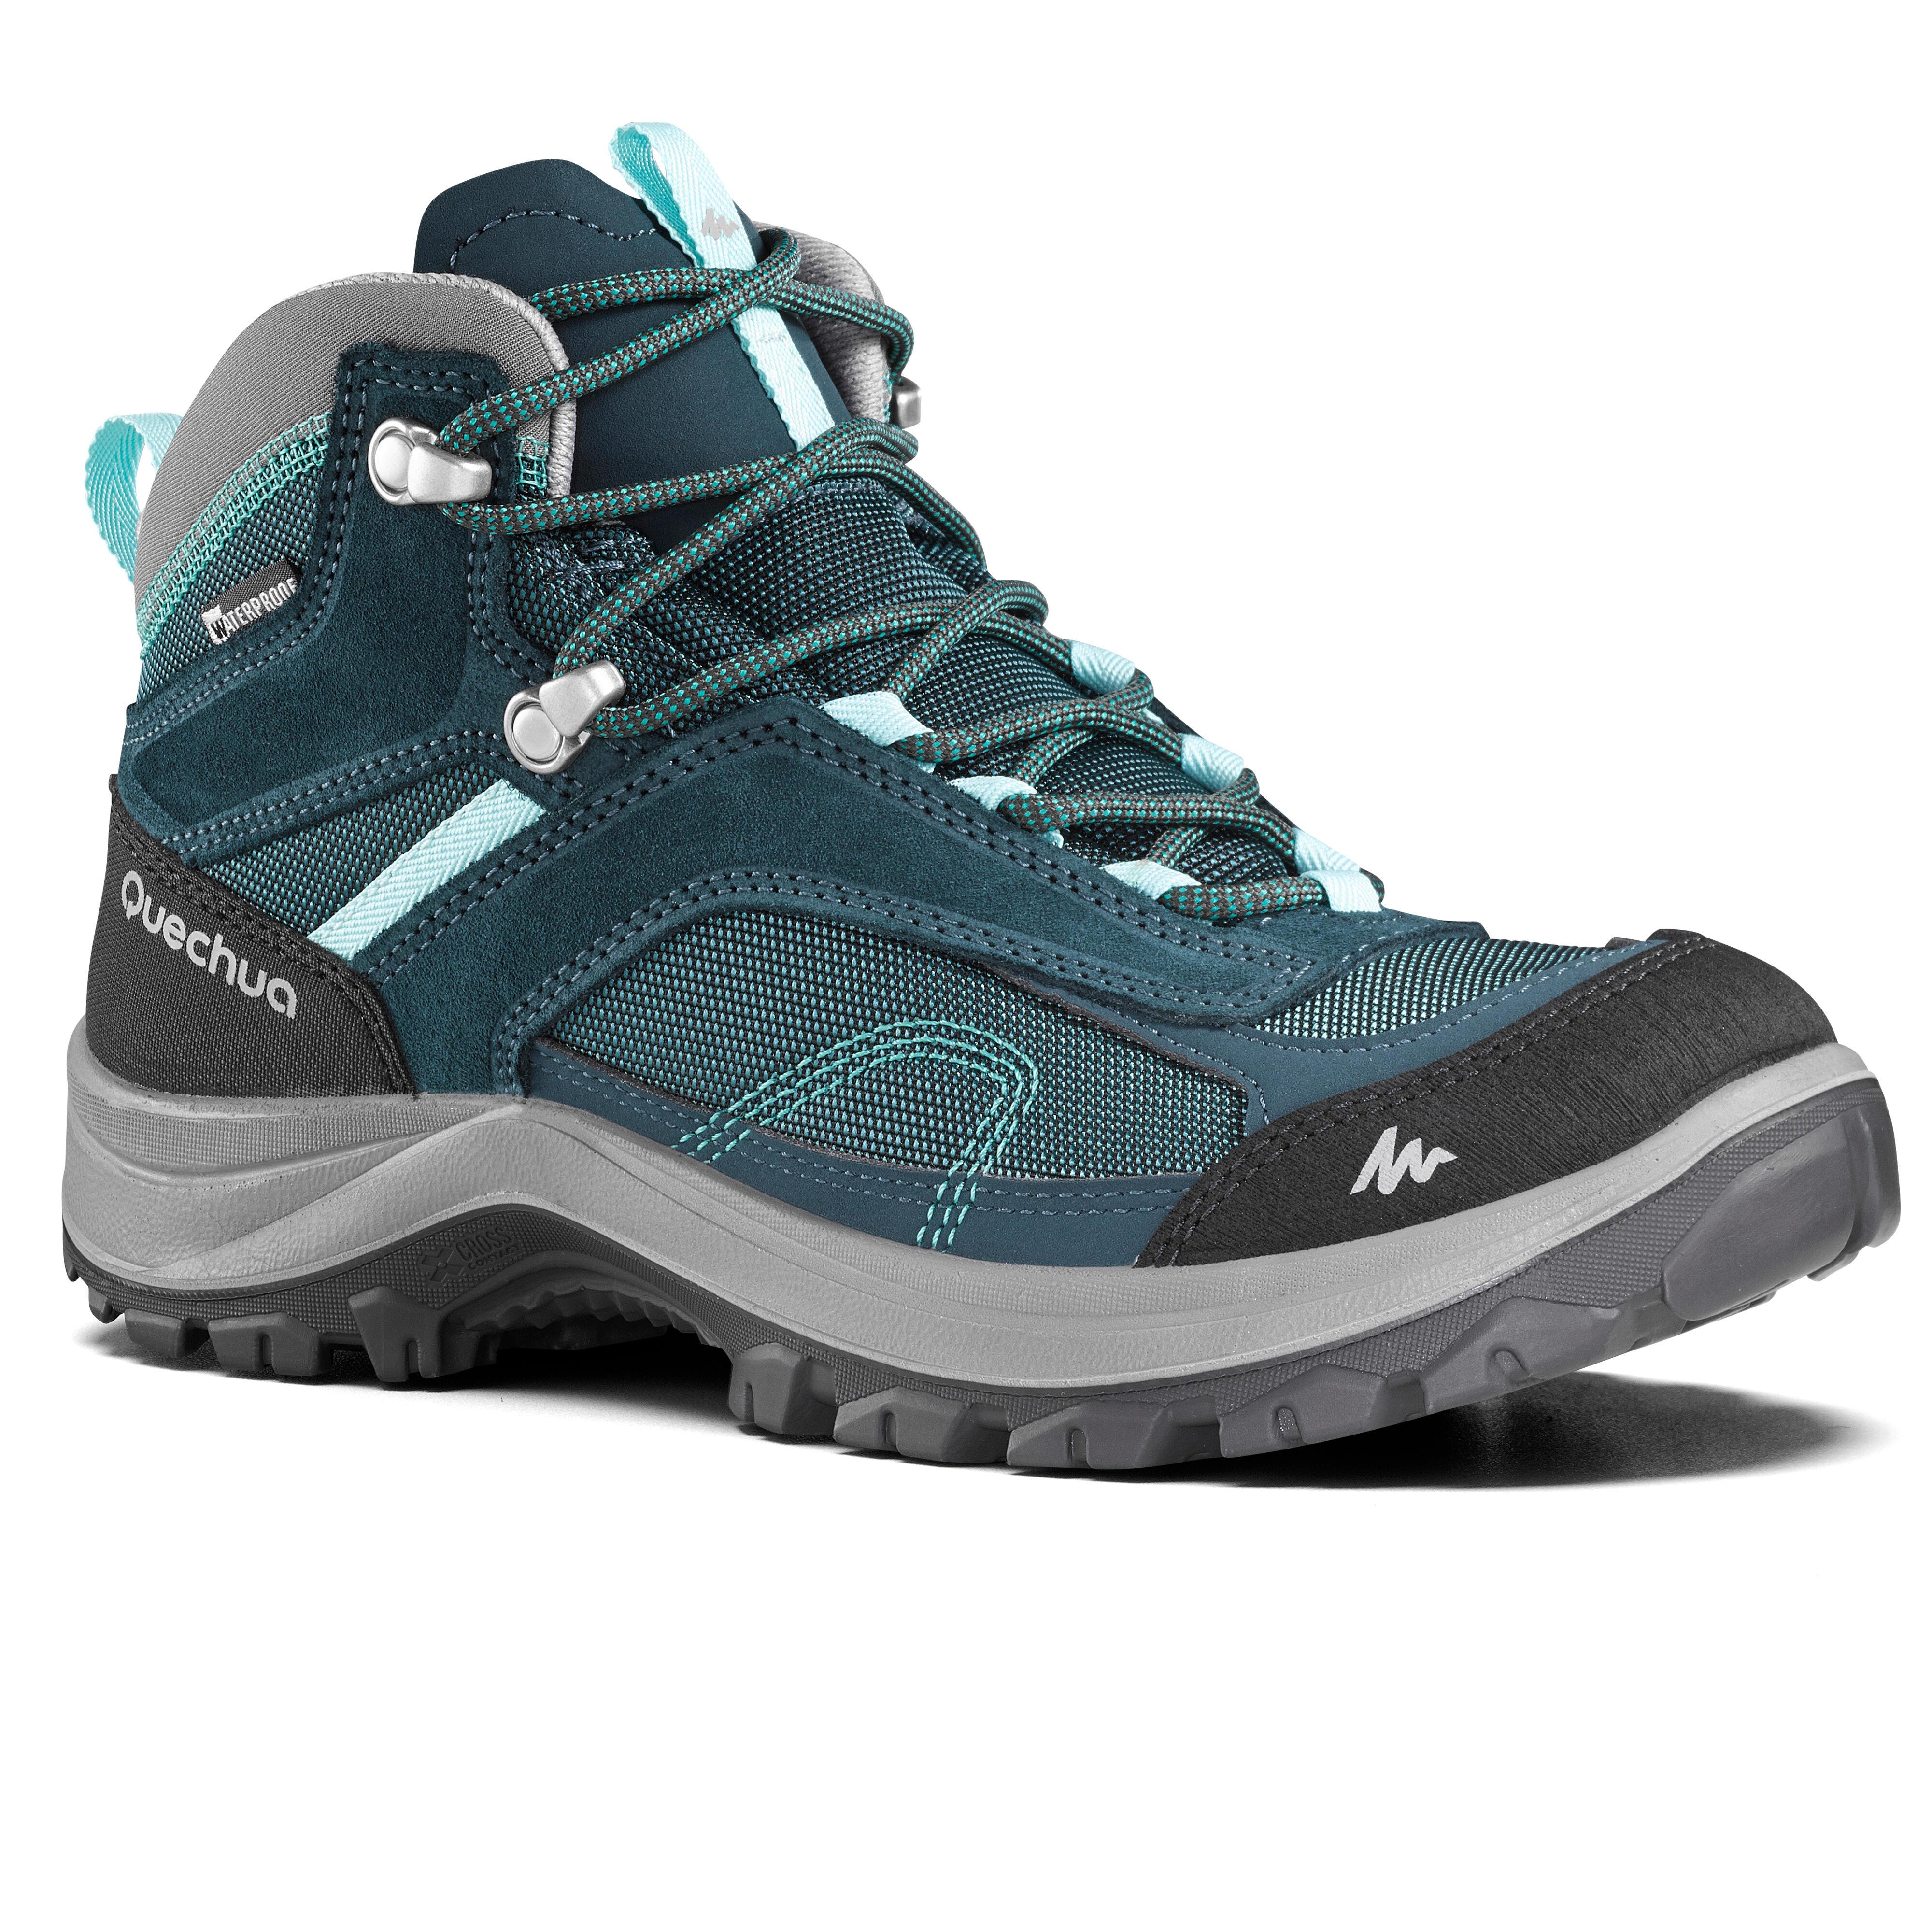 Chaussures de randonnée montagne femme MH100 Mid imperméables Turquoise - Quechua